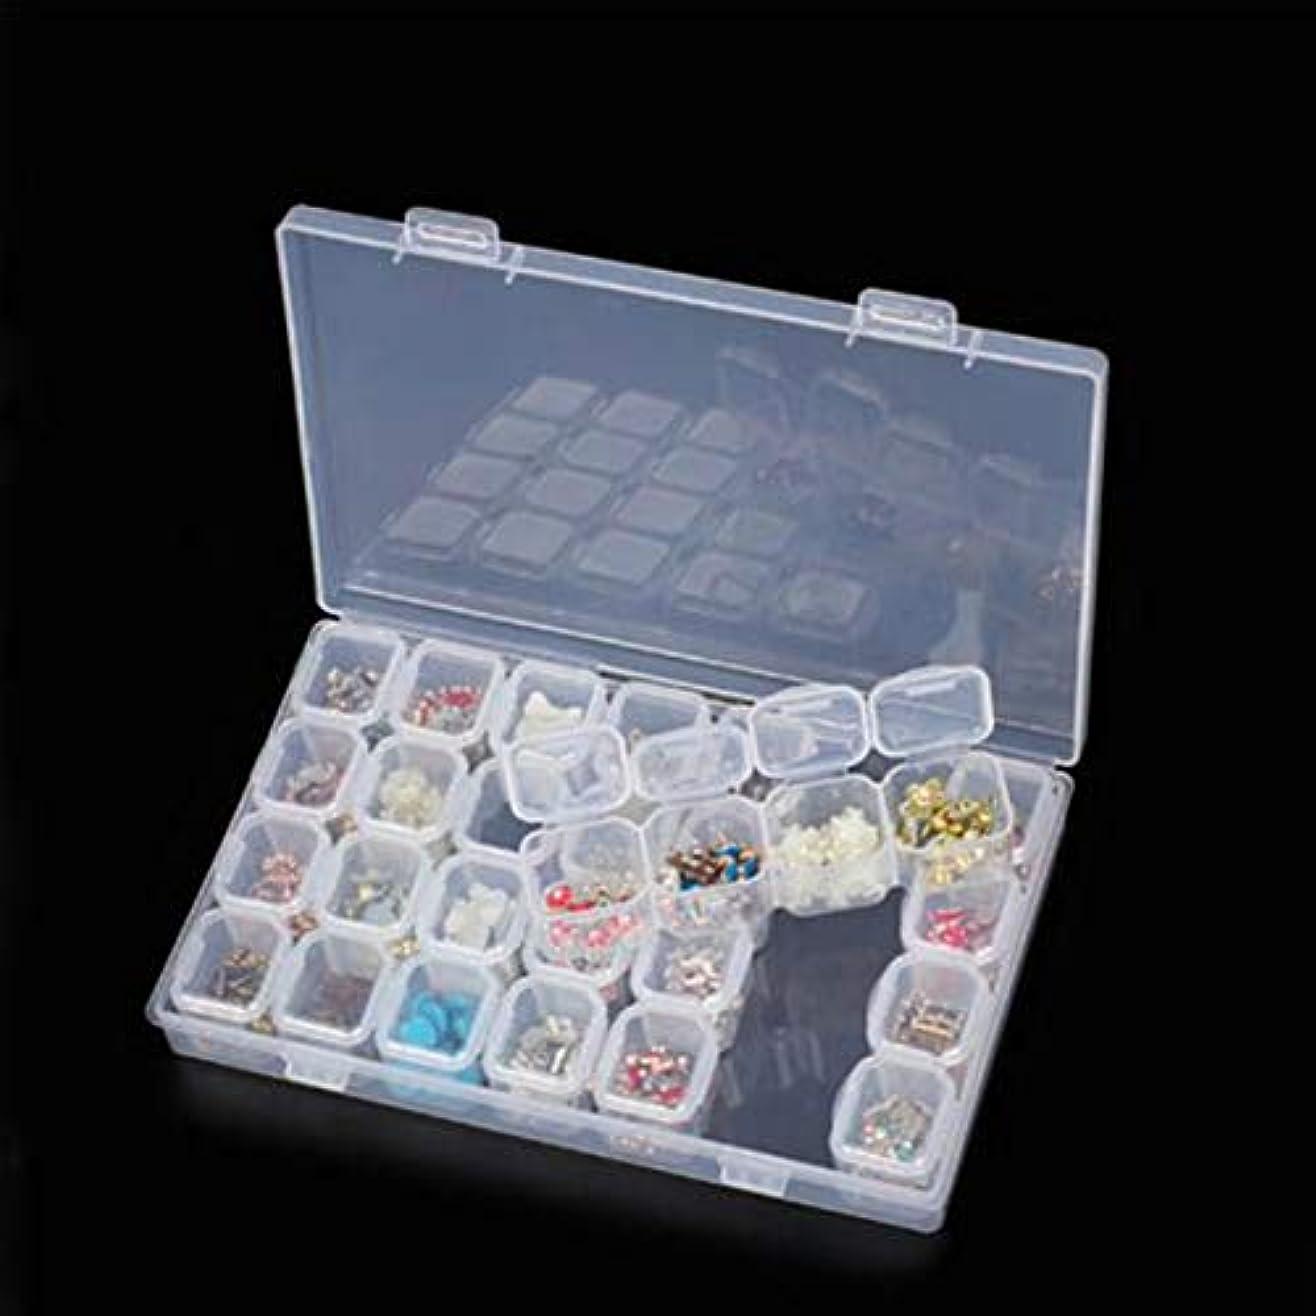 ルビー正気良性28スロットプラスチック収納ボックスボックスダイヤモンド塗装キットネールアートラインツールズ収納収納ボックスケースオーガナイザーホルダー(透明)